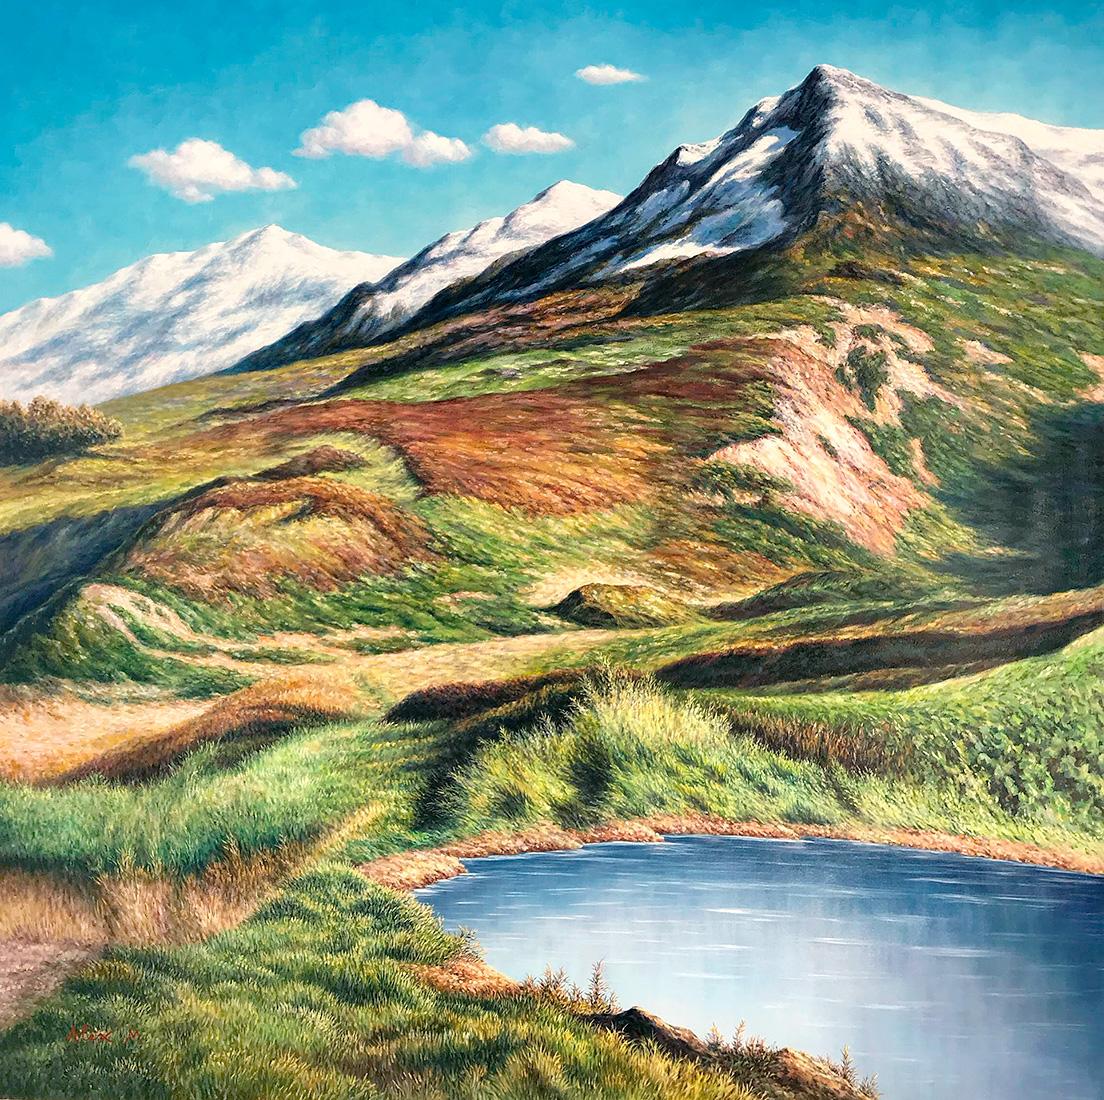 Alex Mo - 'Snowy Mountains'